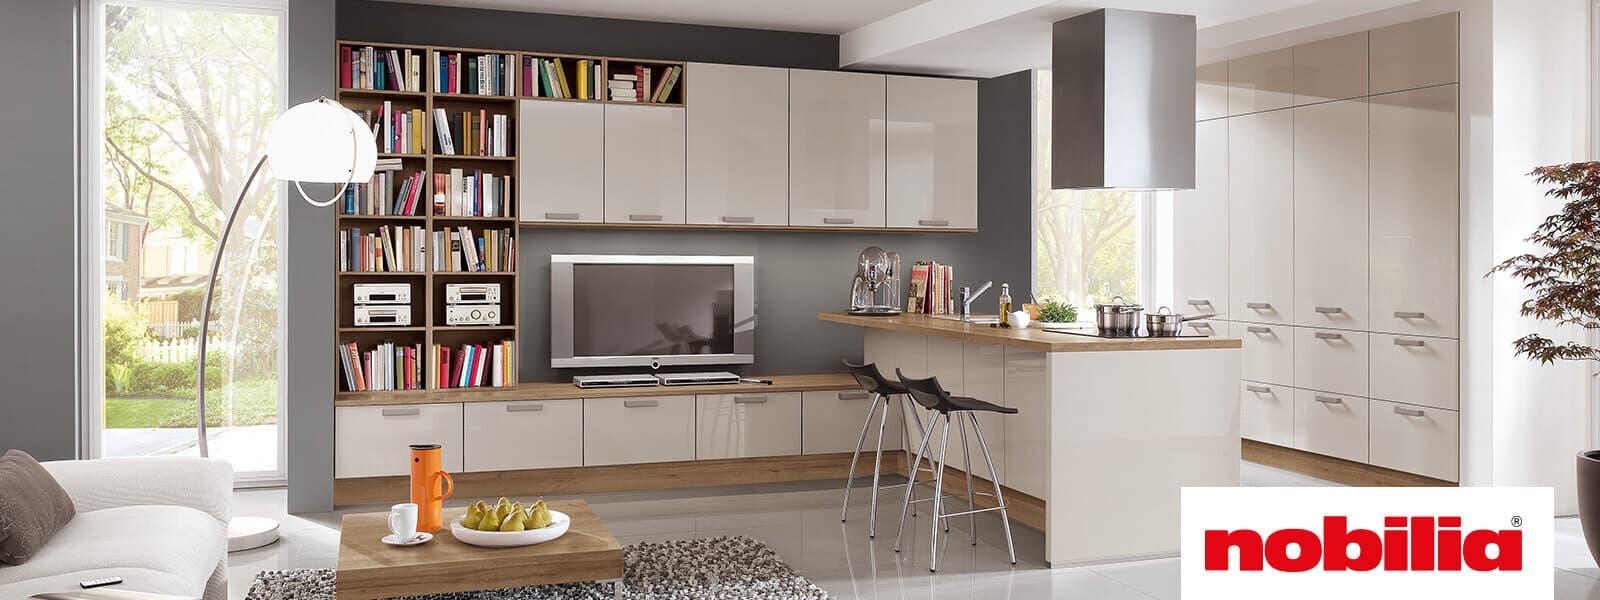 Full Size of Nobilia Luhochglanz Trifft Auf Gradliniges Design Küche Eckschrank Schlafzimmer Einbauküche Bad Wohnzimmer Nobilia Eckschrank